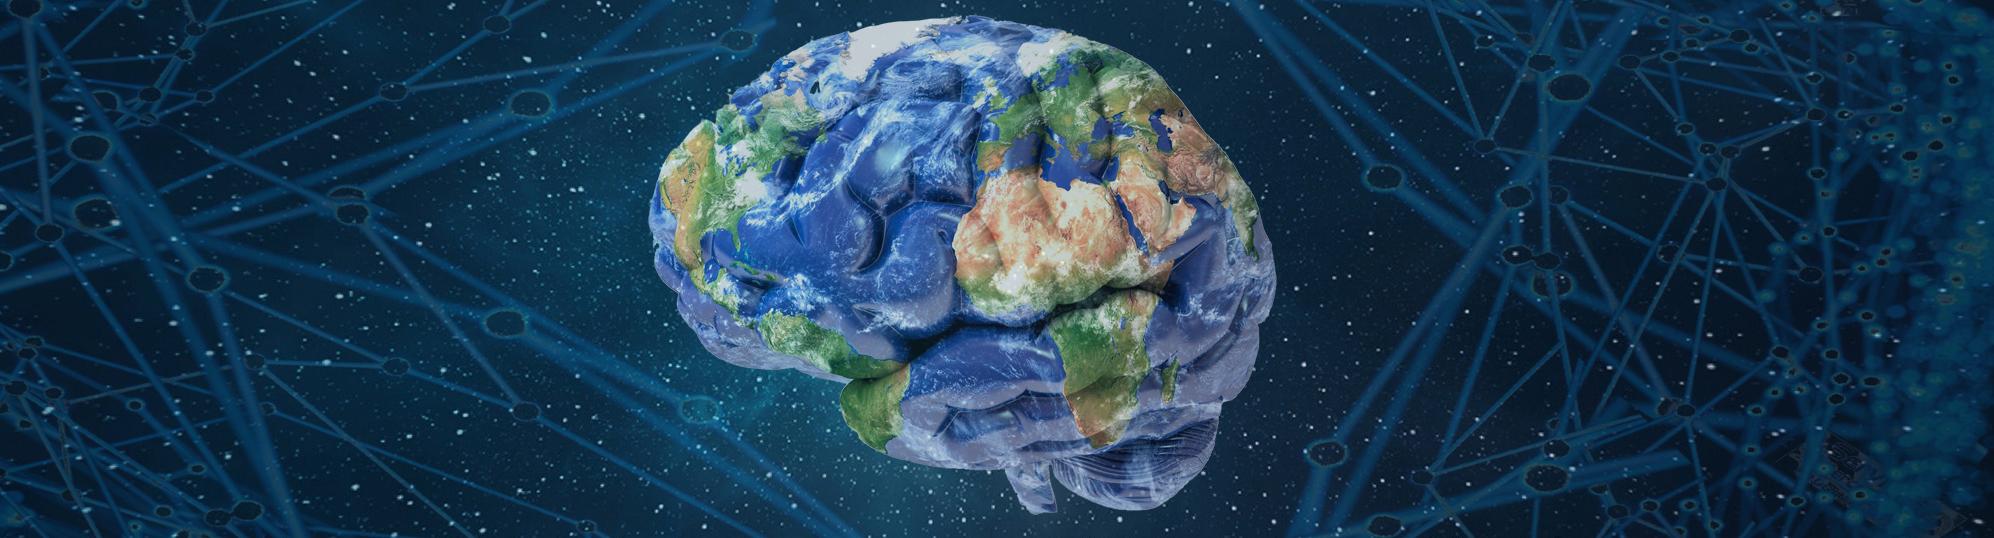 World Wide Neuro